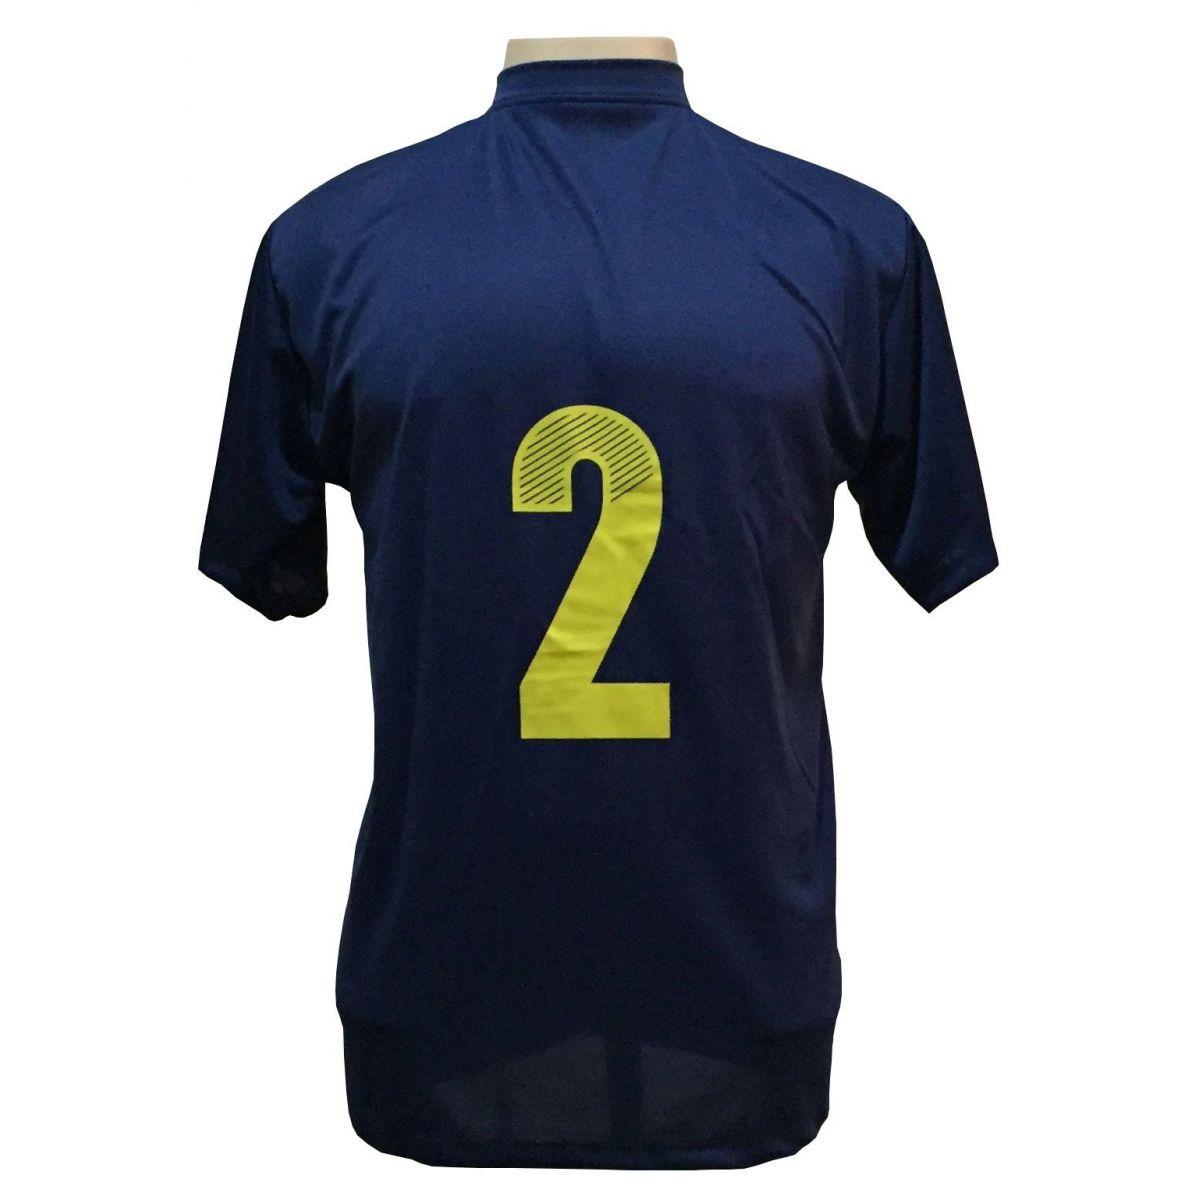 Uniforme Esportivo com 14 camisas modelo Boca Juniors Marinho/Amarelo + 14 calções modelo Madrid Marinho + Brindes